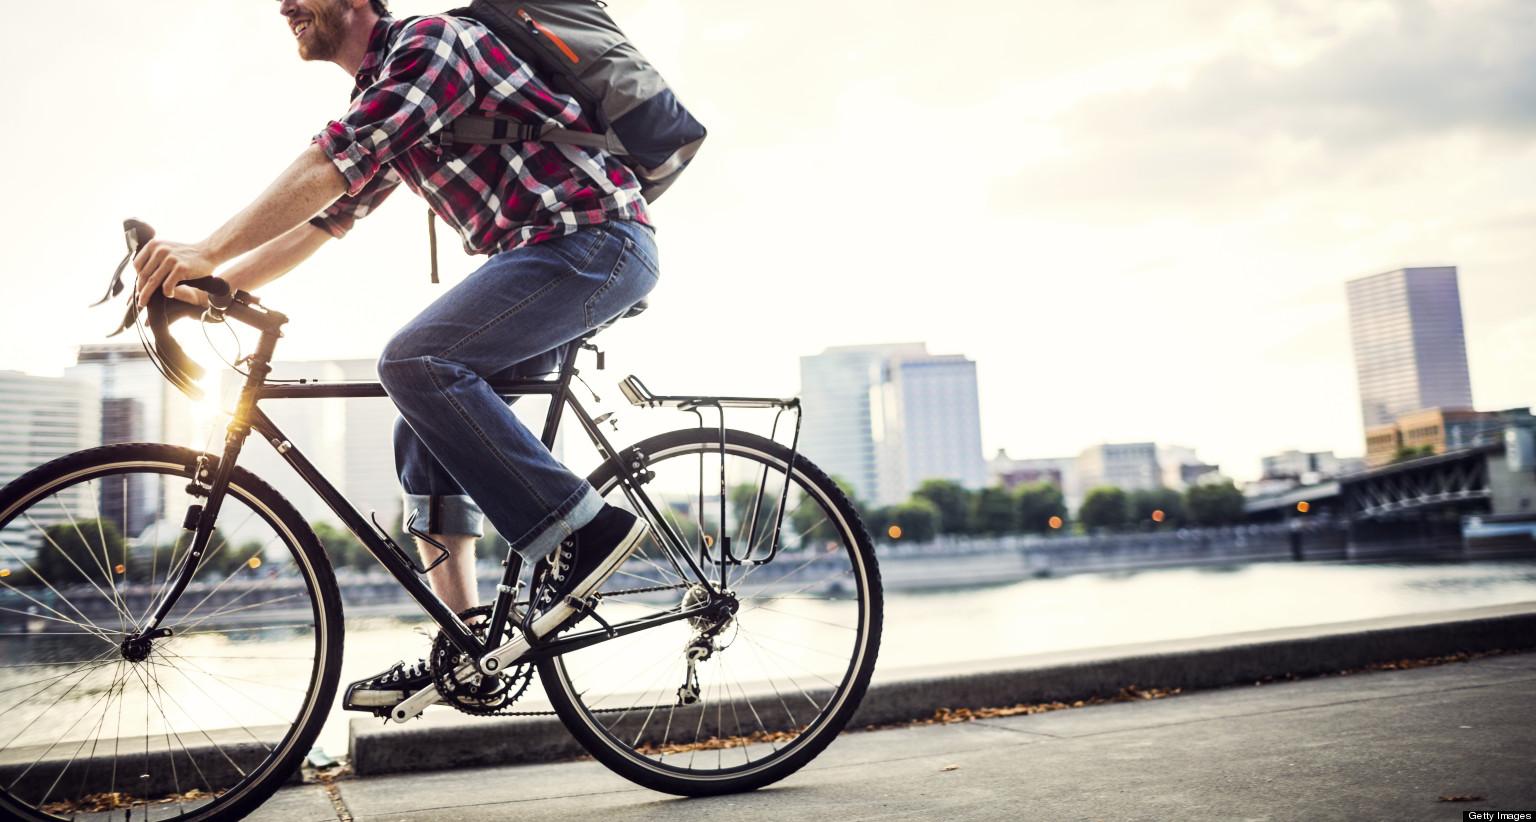 Мужчина едет на городском велосипеде